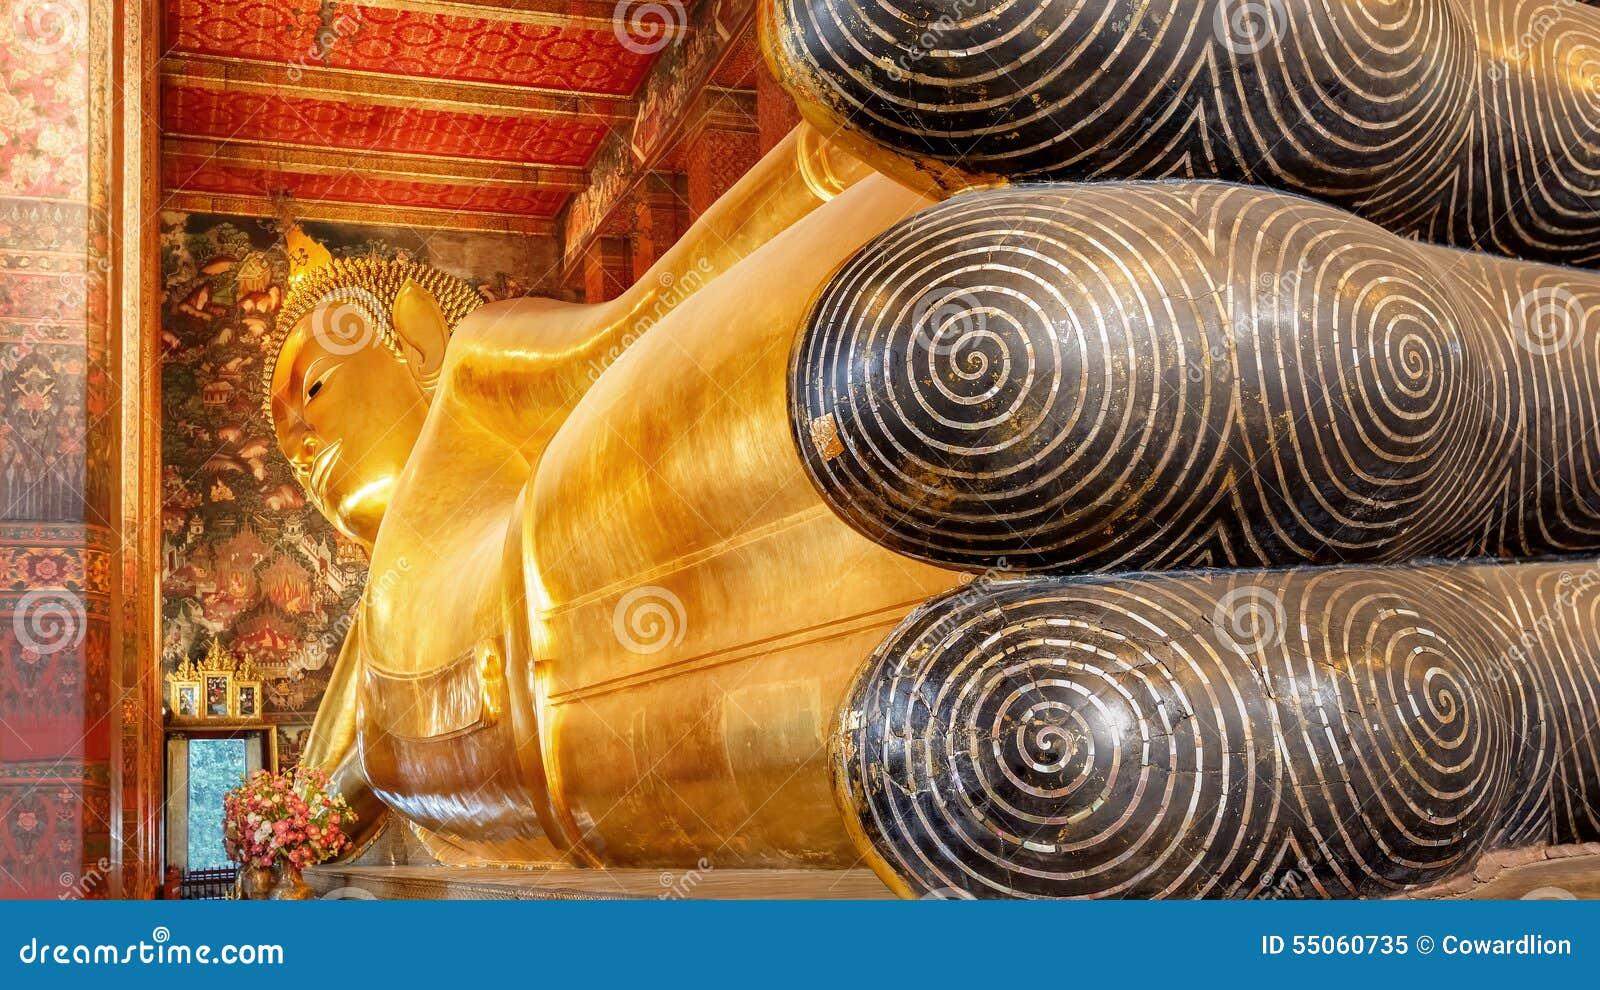 The Reclining Buddha at Wat Pho (Pho Temple) in Bangkok